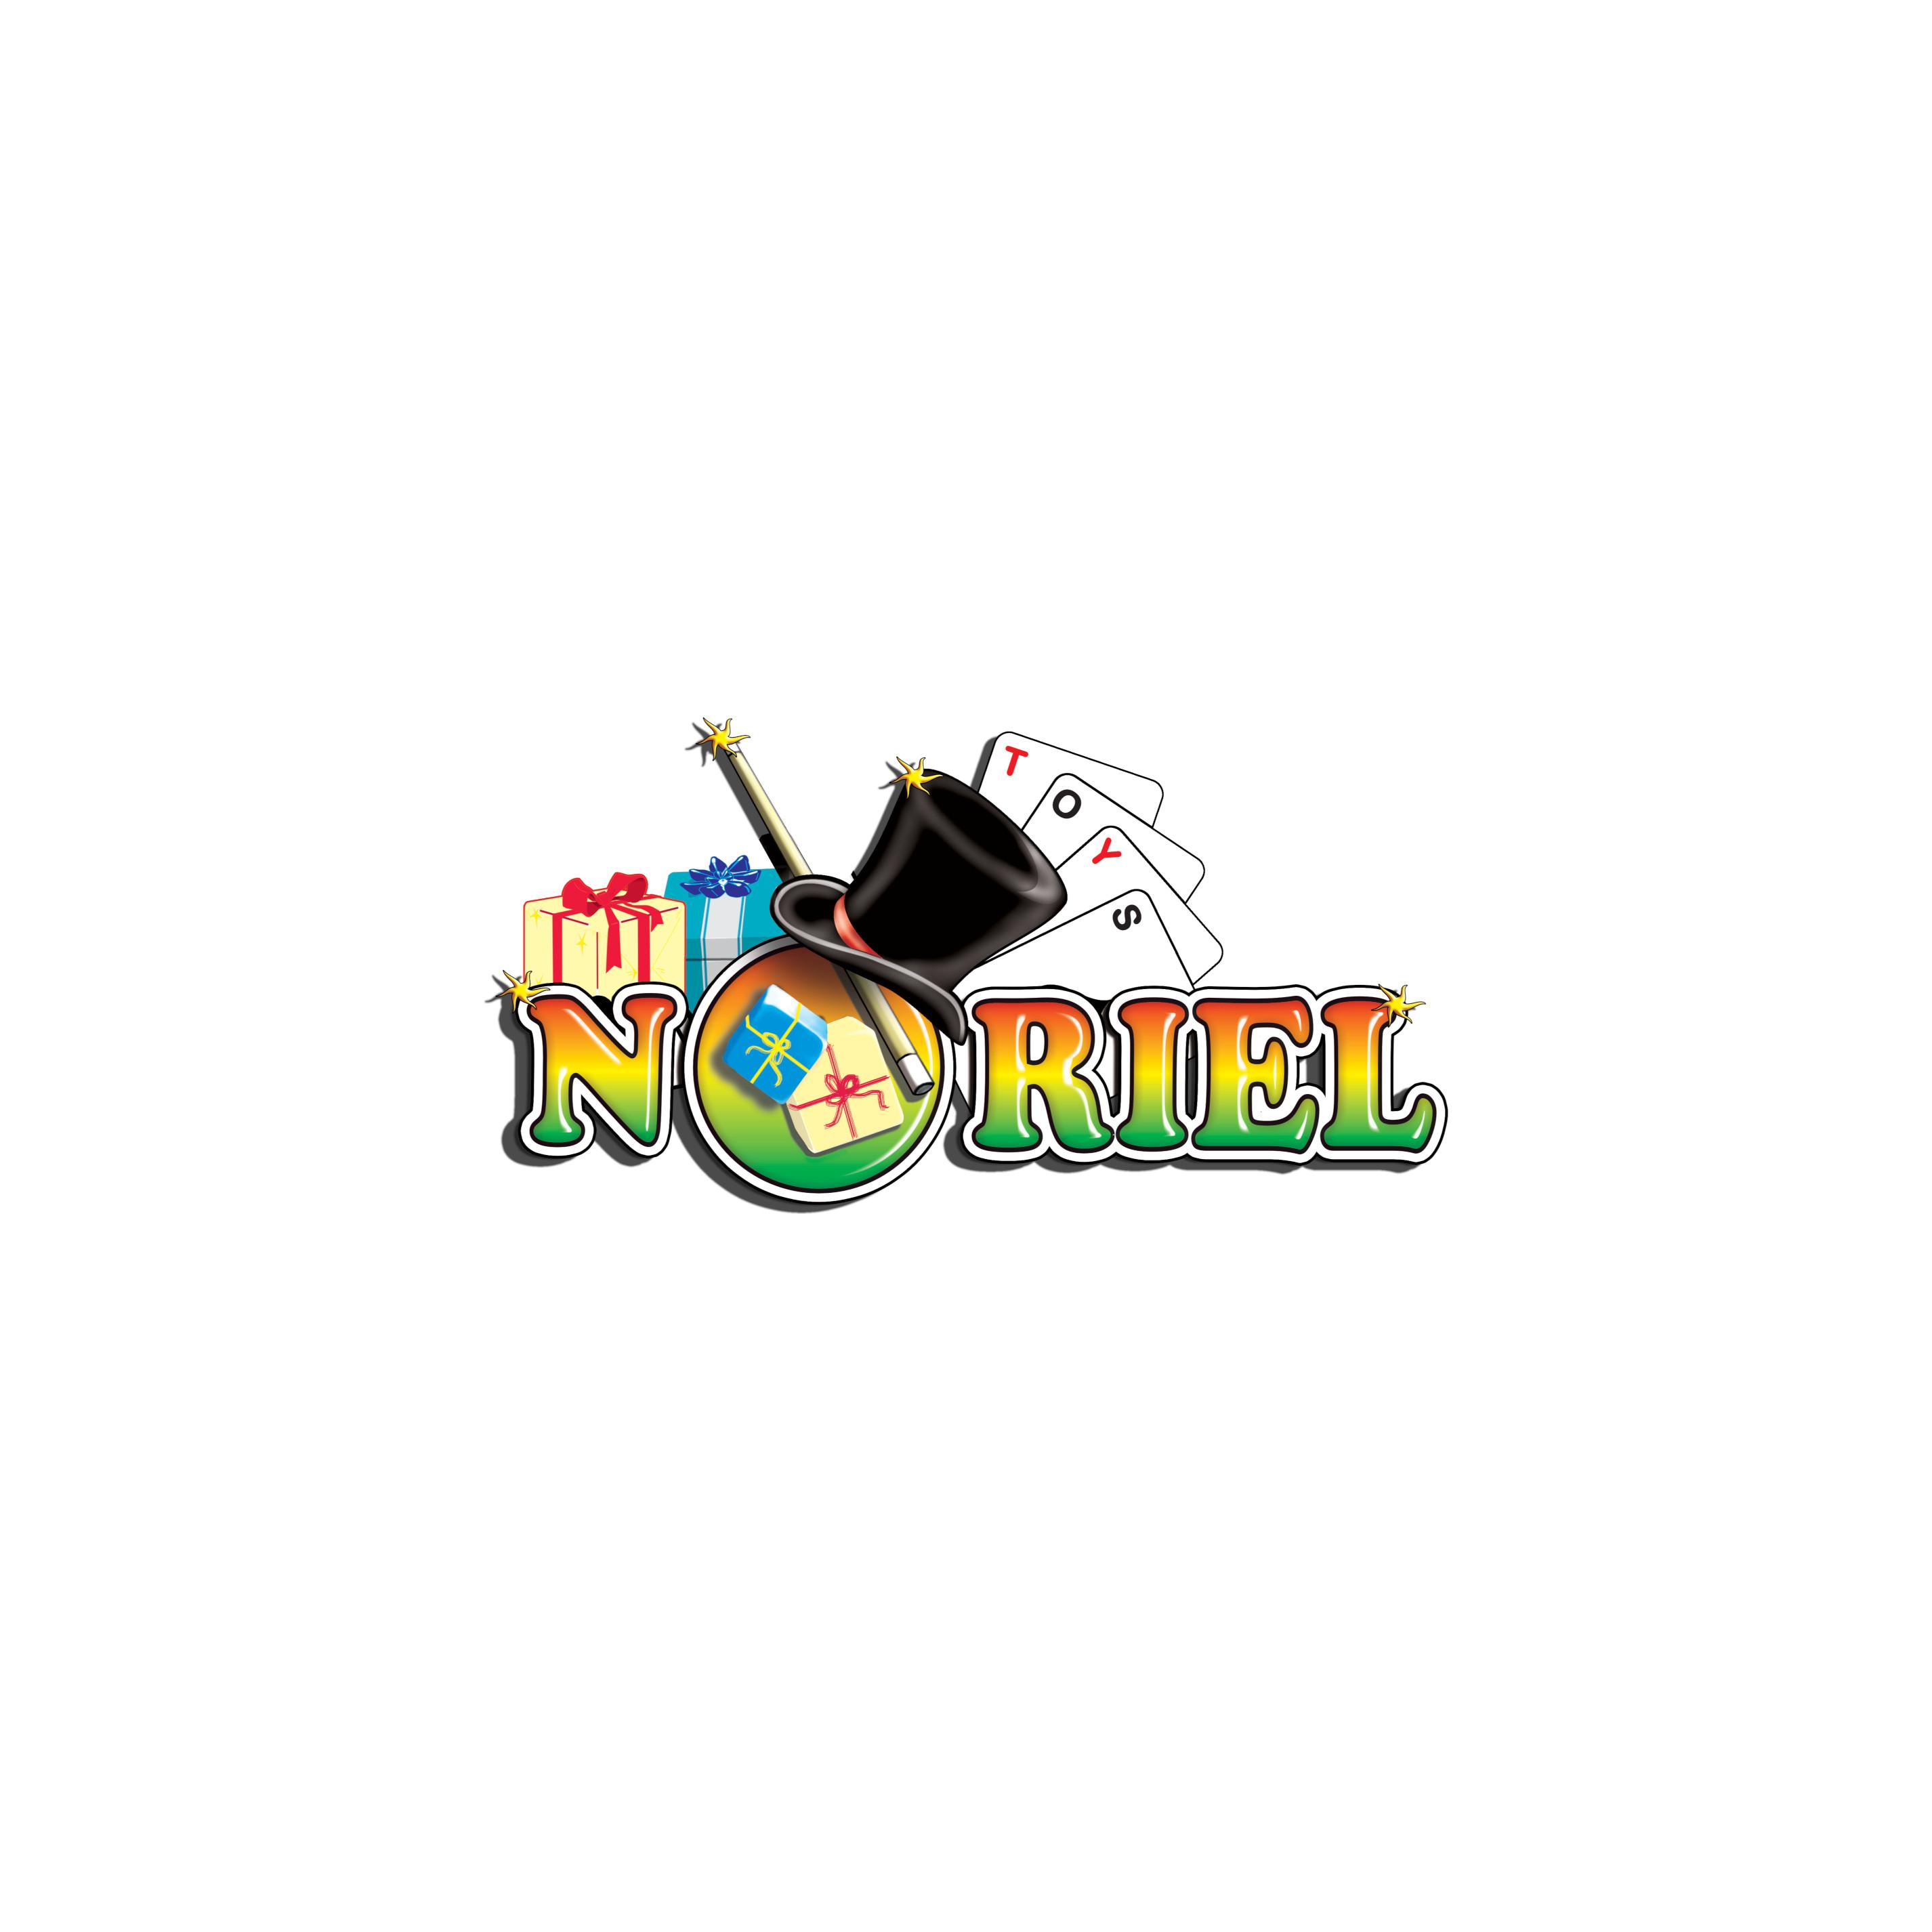 Baloane Oonies - Monster Mania